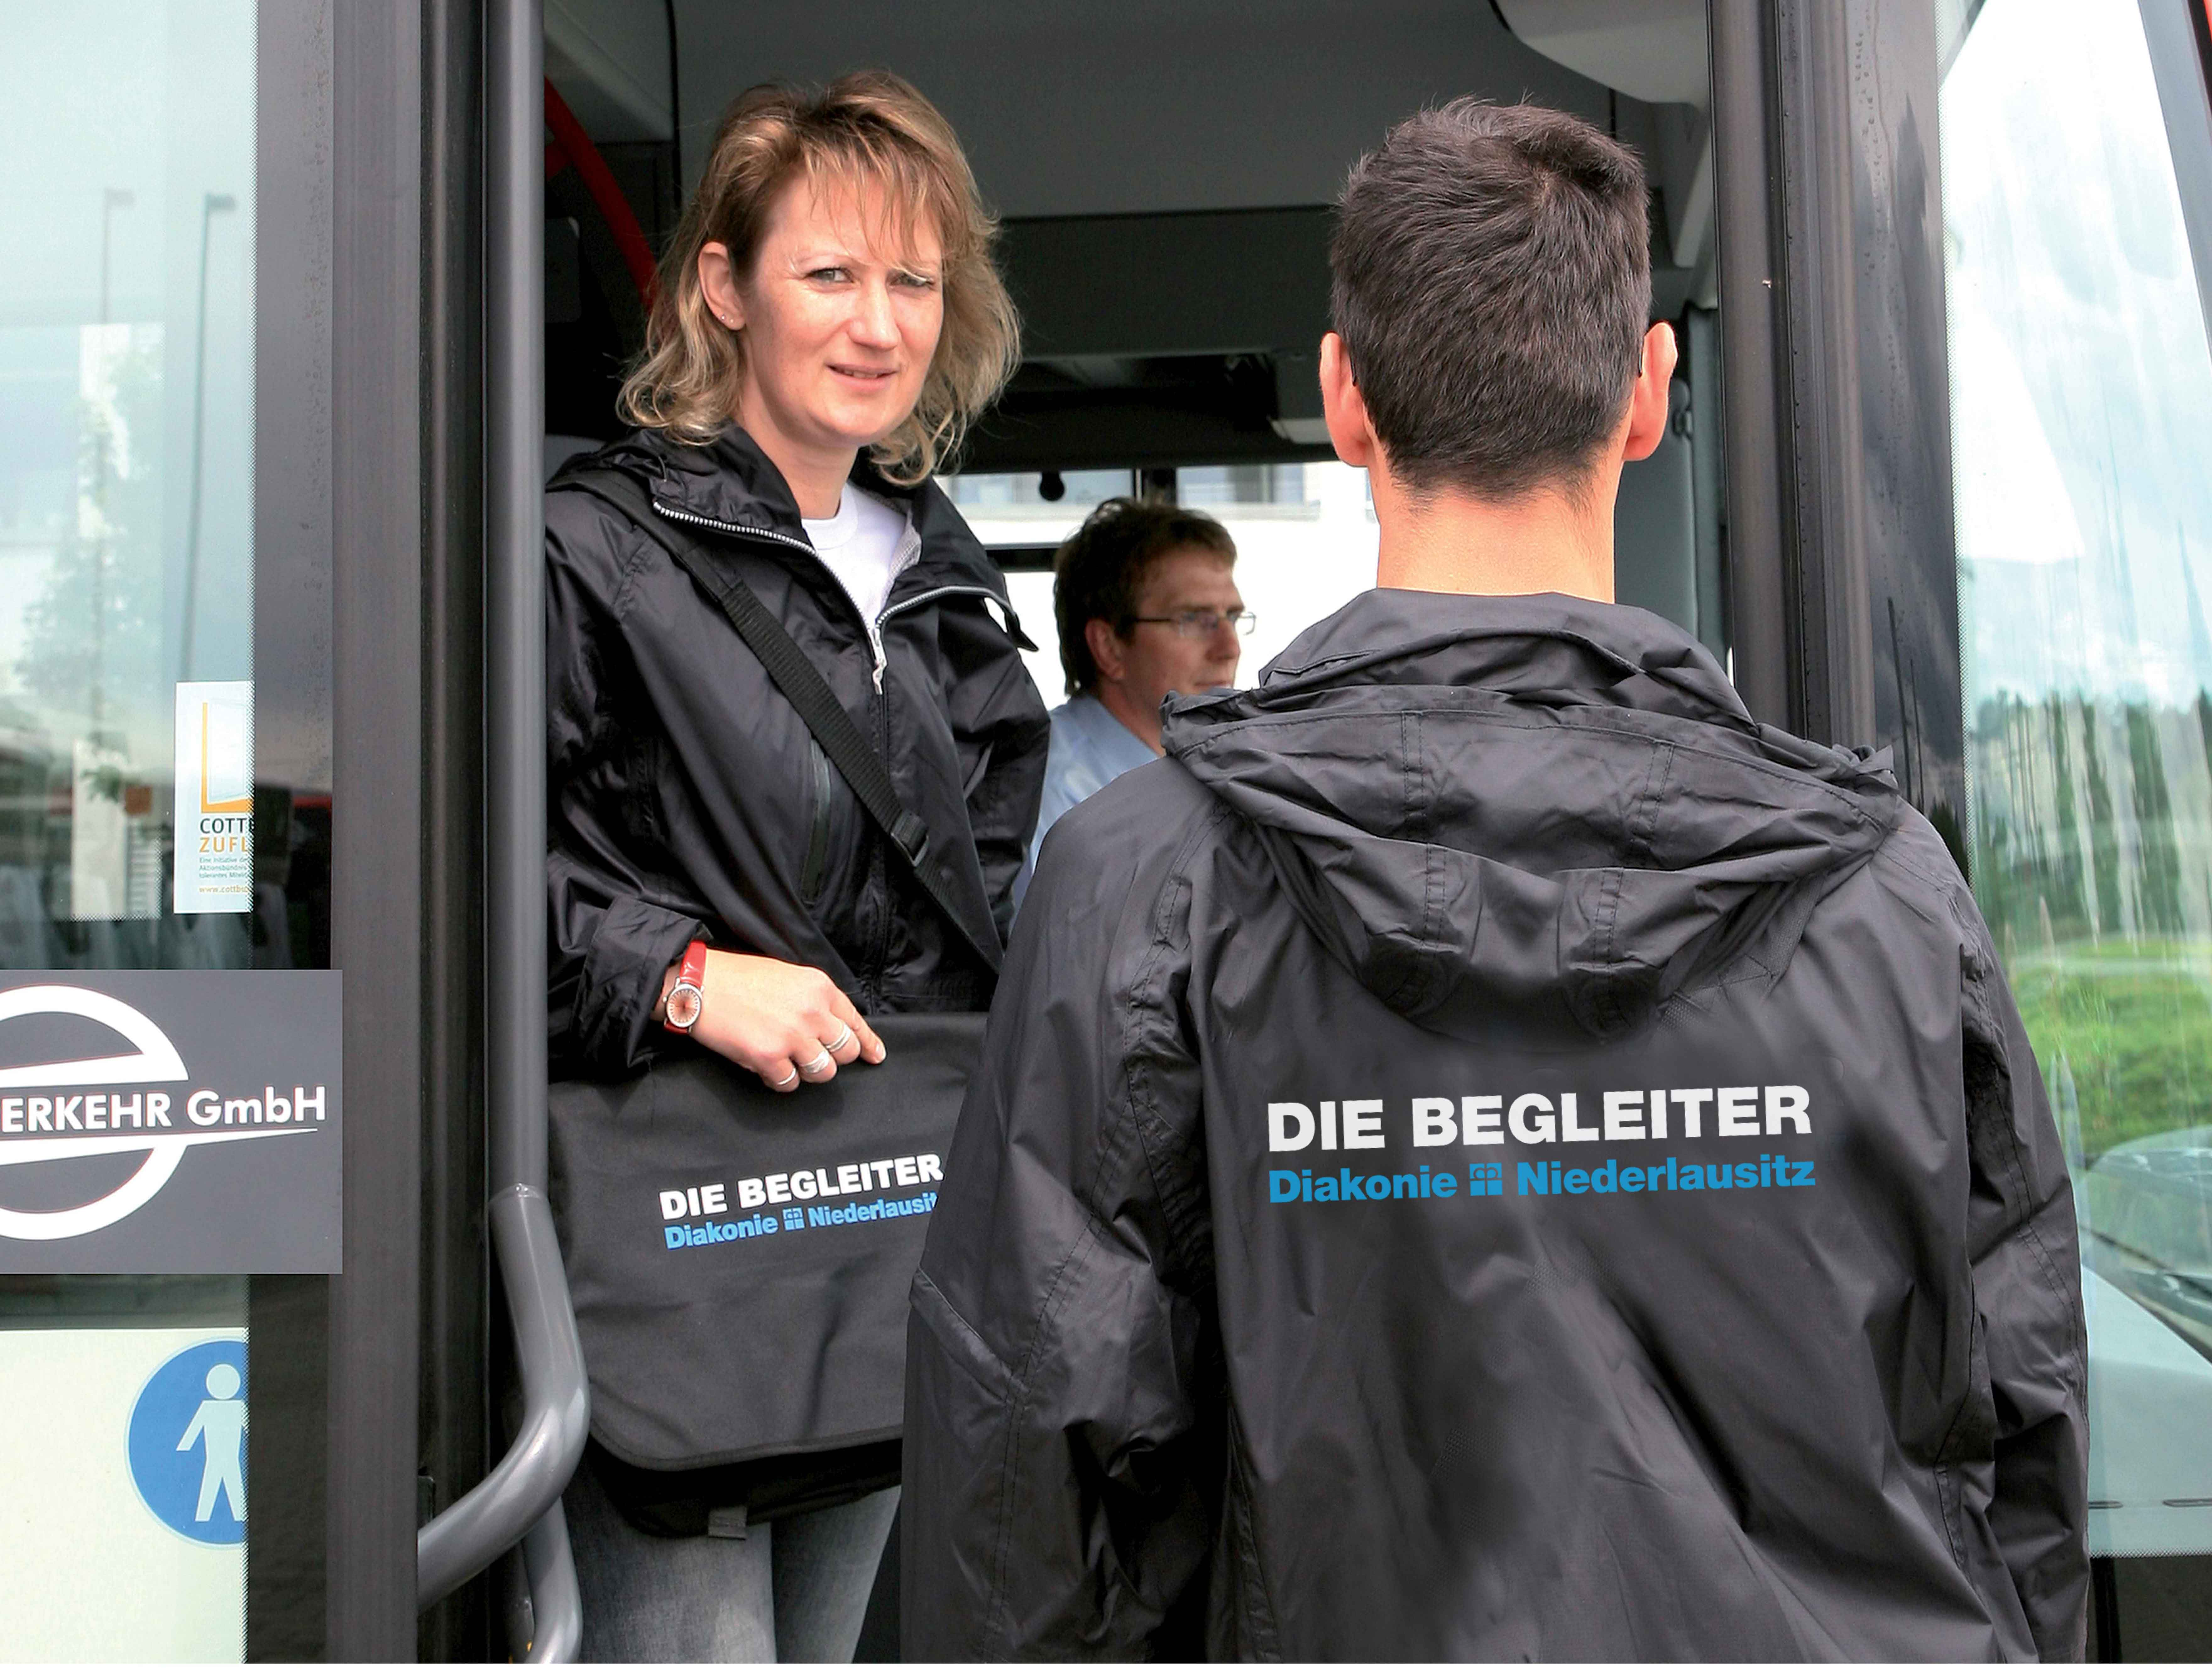 Die-Begleiter_PR-Foto.jpg